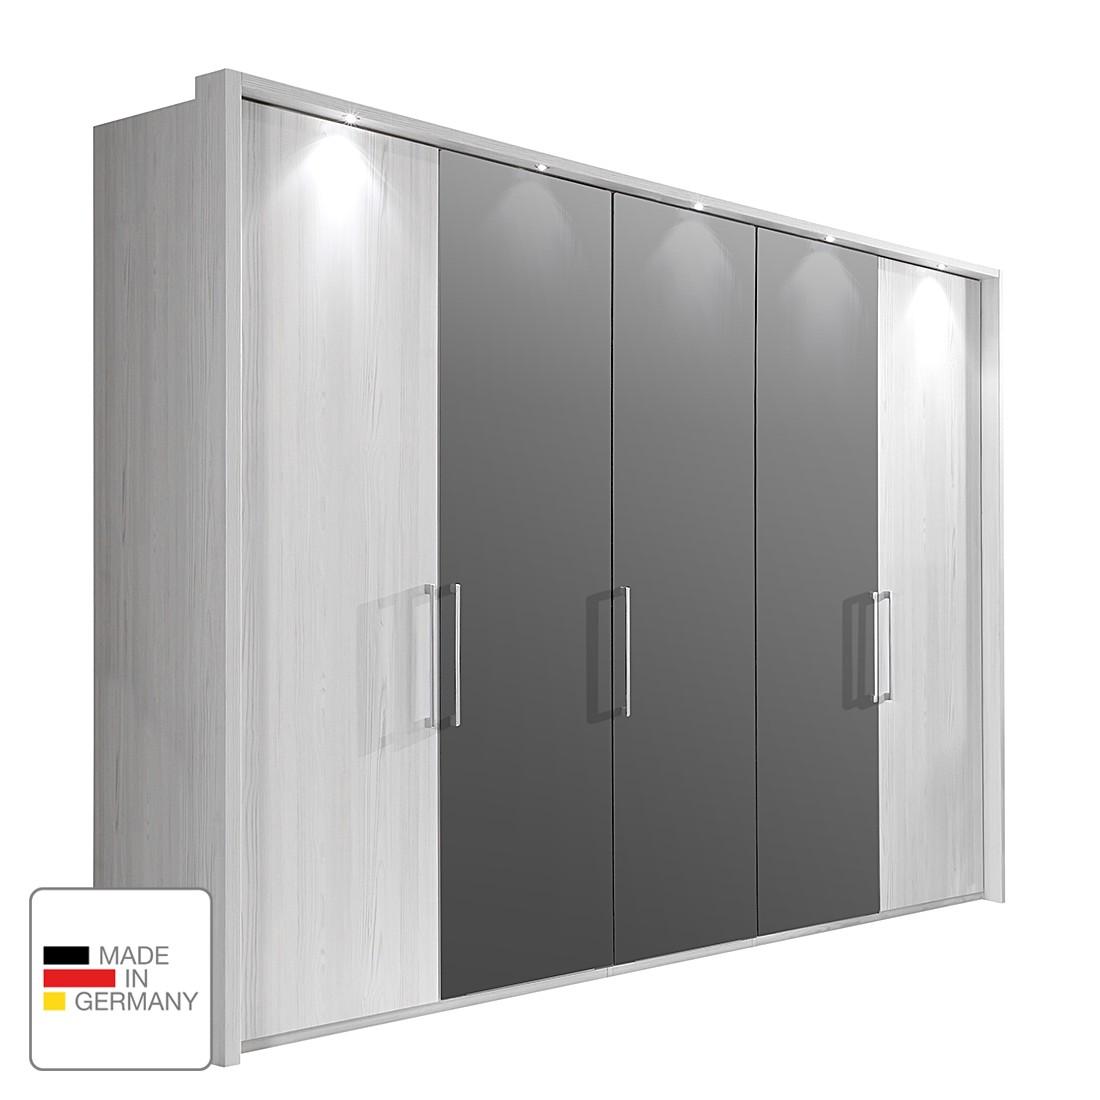 energie  A+, Draaideurkast Lissabon - Polar larikshouten look/Havanna - 400cm (8-deurs) - 8 deurs met afwerking - Zonder spiegeldeuren - Met verlichte Passe-partout lijst, Wiemann